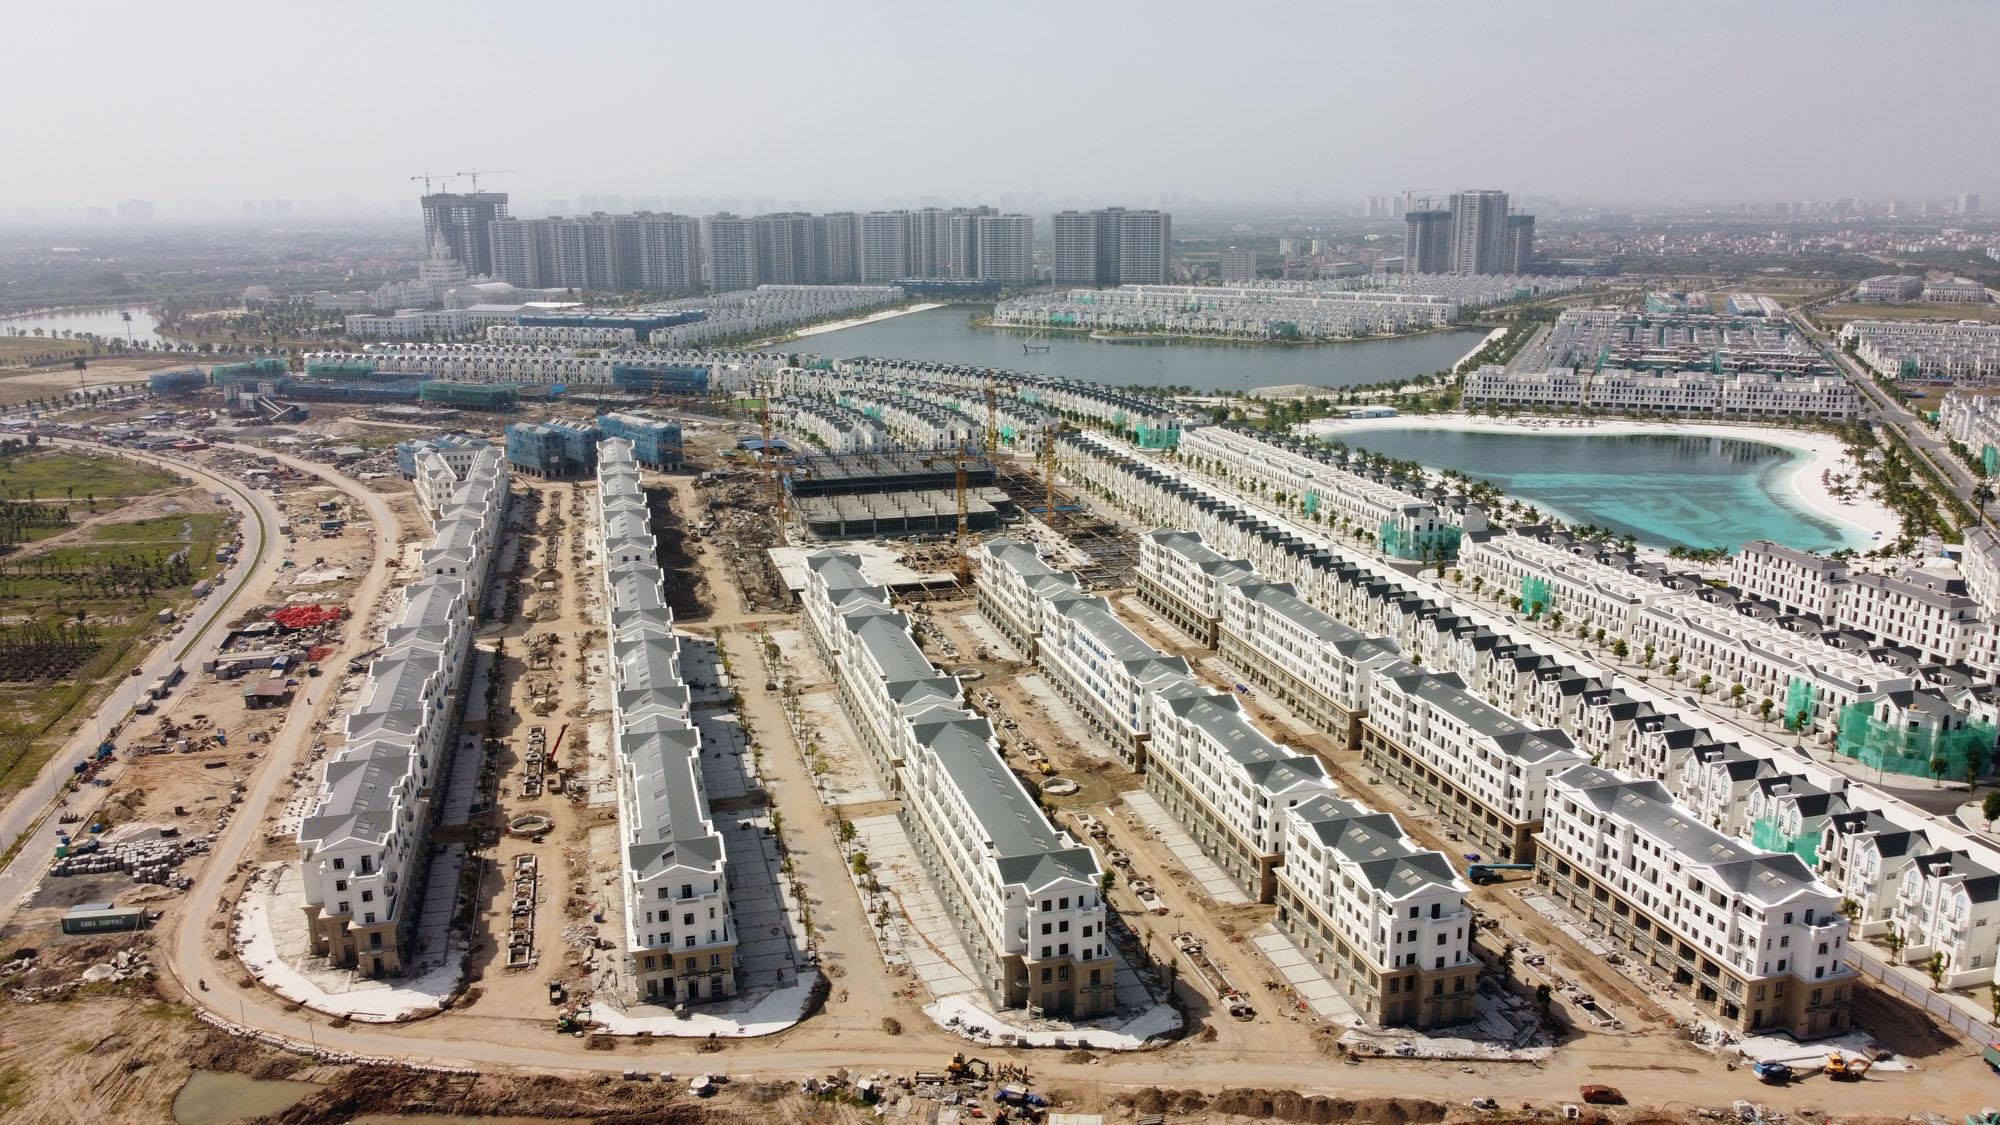 Huyện Gia Lâm đưa loạt kiến nghị để lên quận vào năm 2023 - Ảnh 1.